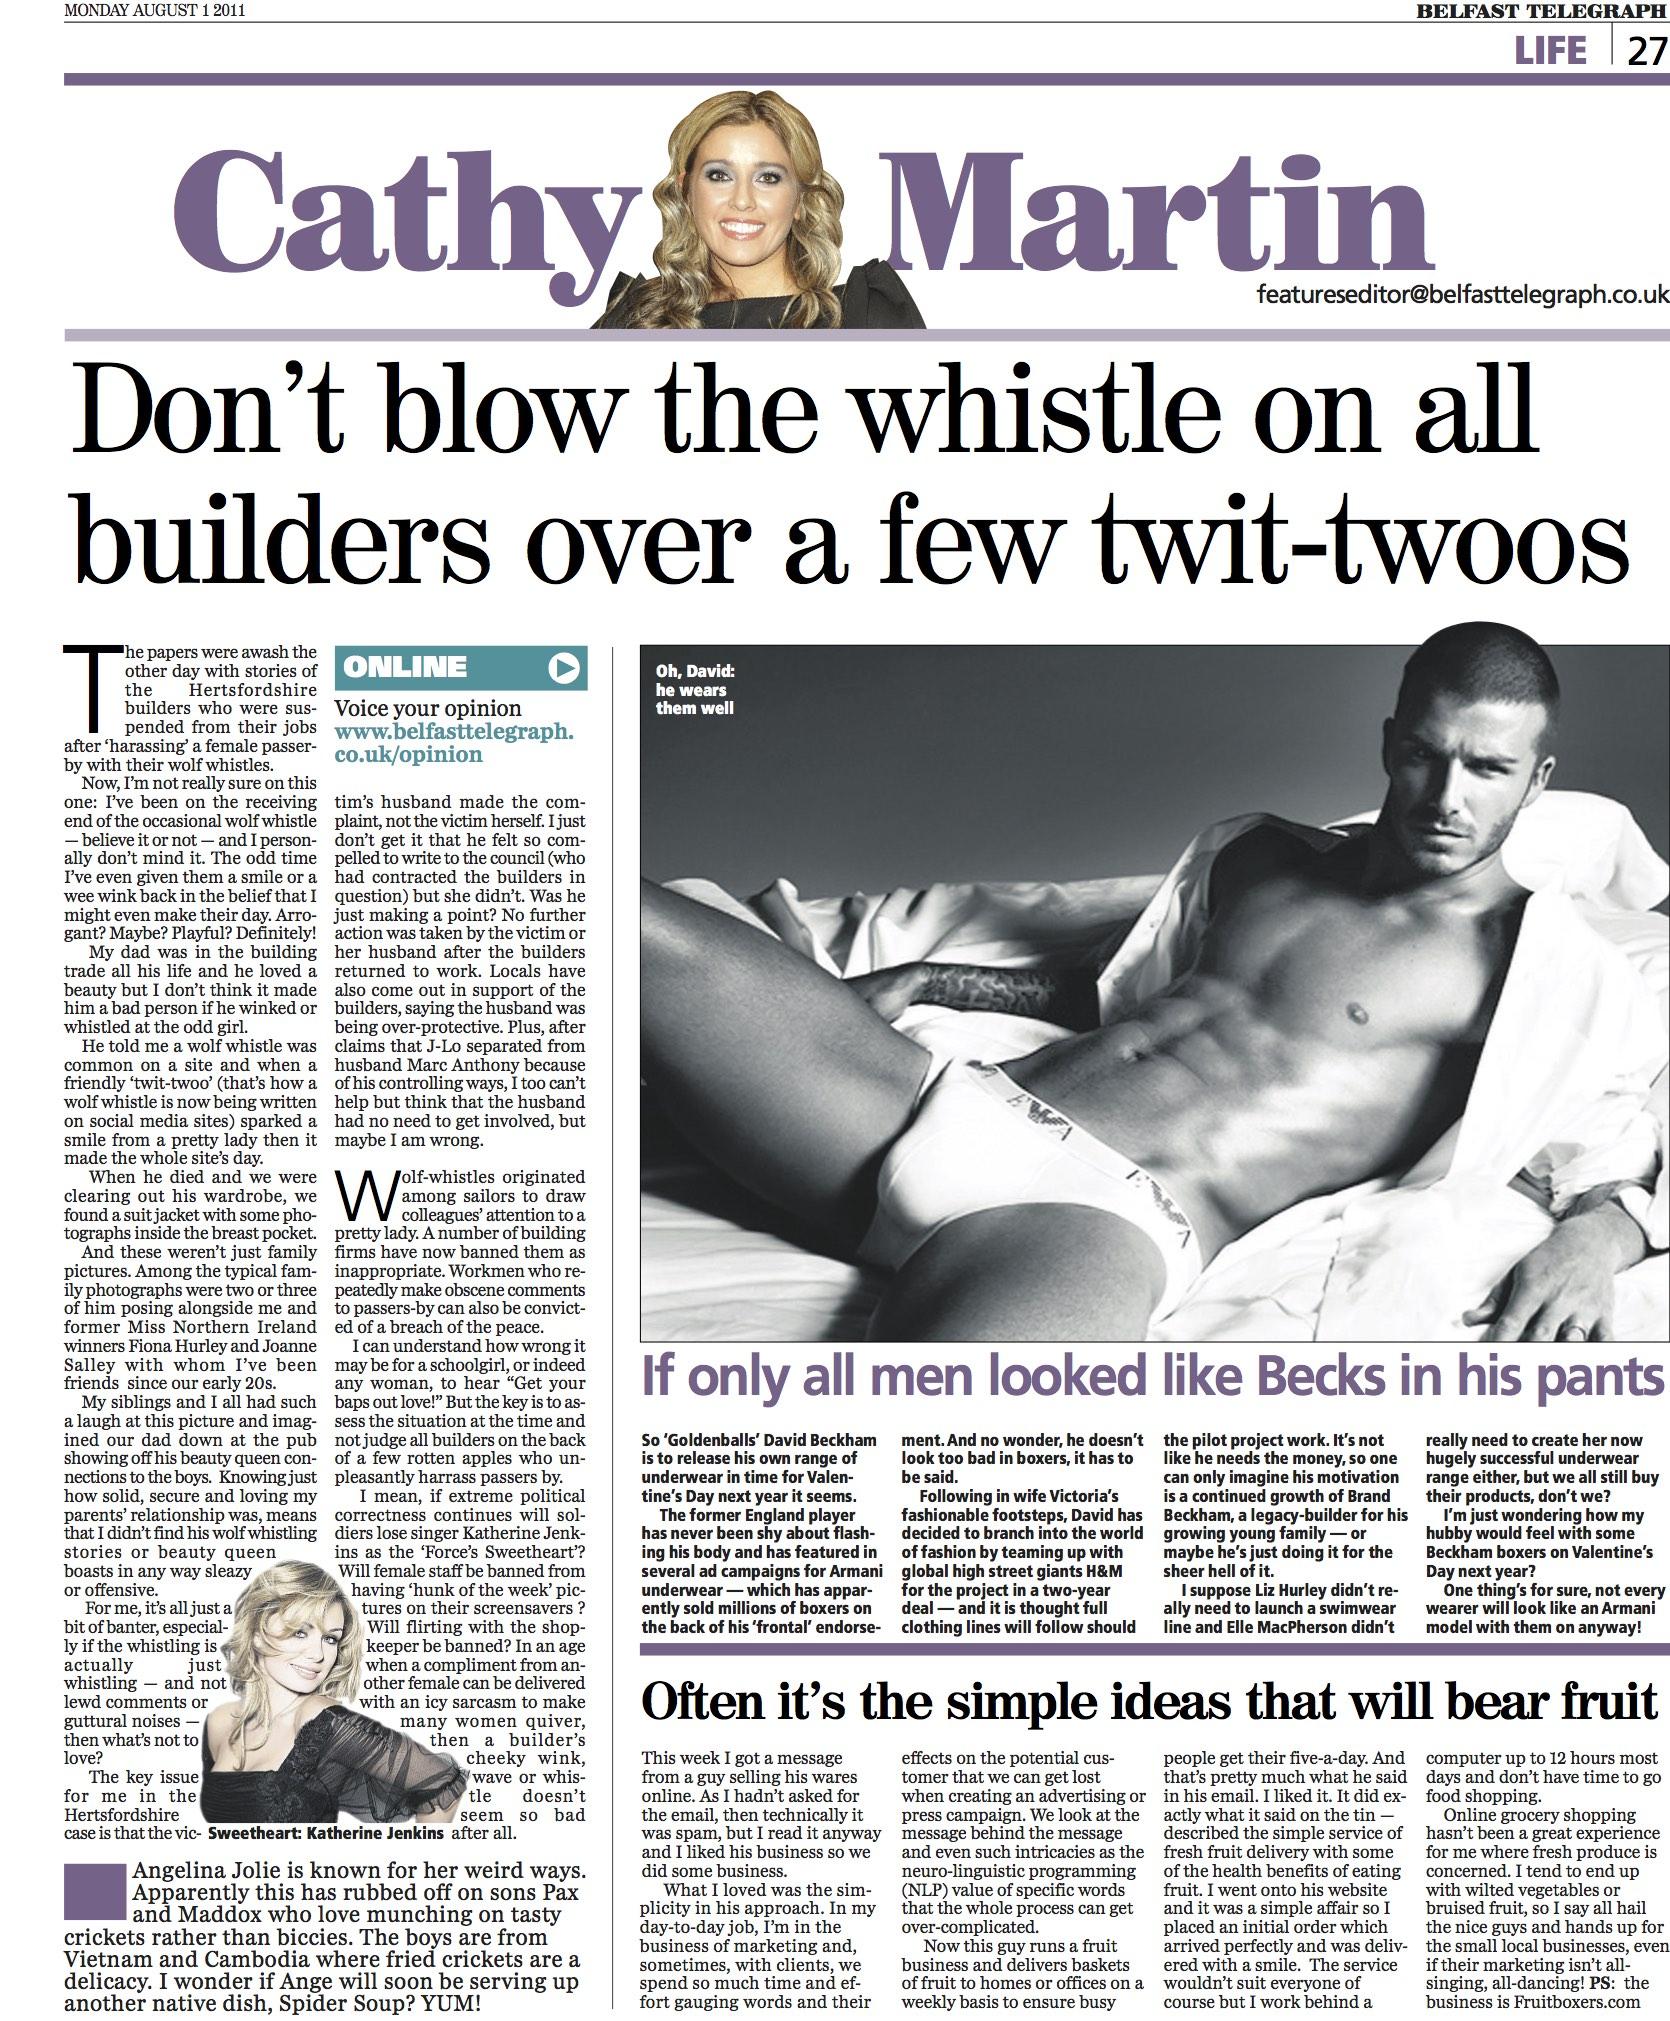 010811_Belfast Telegraph_PG27_CM column.jpg